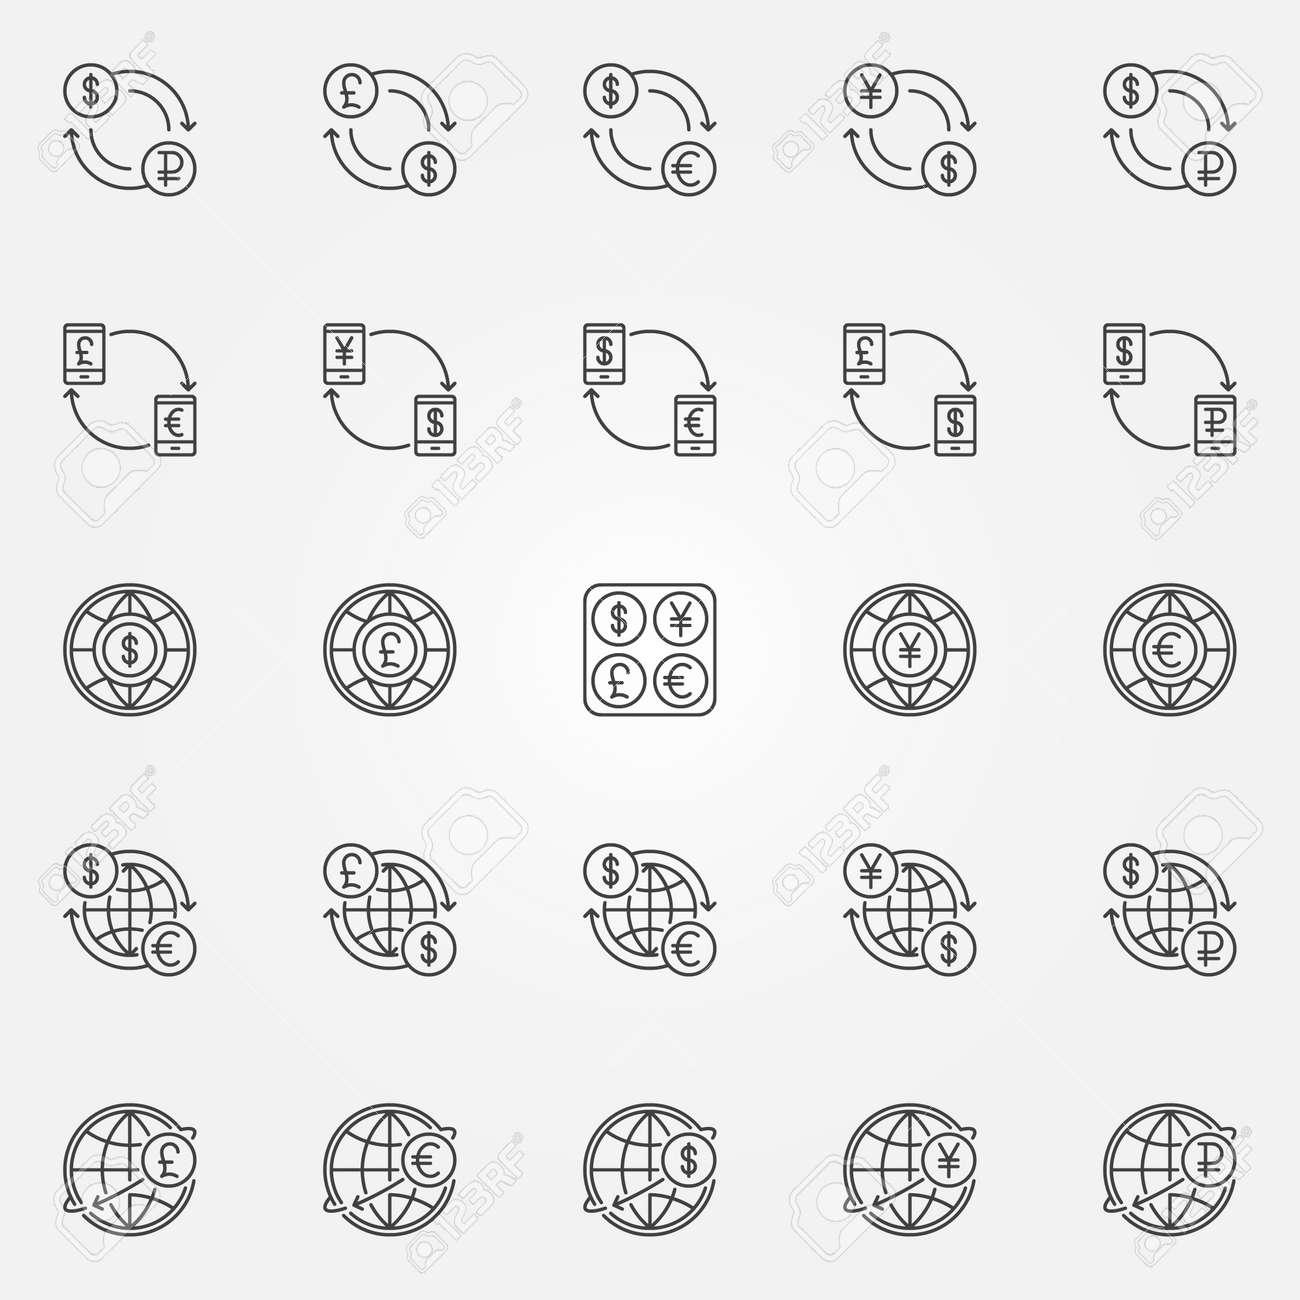 Icones De Change Symboles De Vecteur Monnaie Dollar Euro Rouble Livre Et Yen Dans Le Style De Ligne Mince